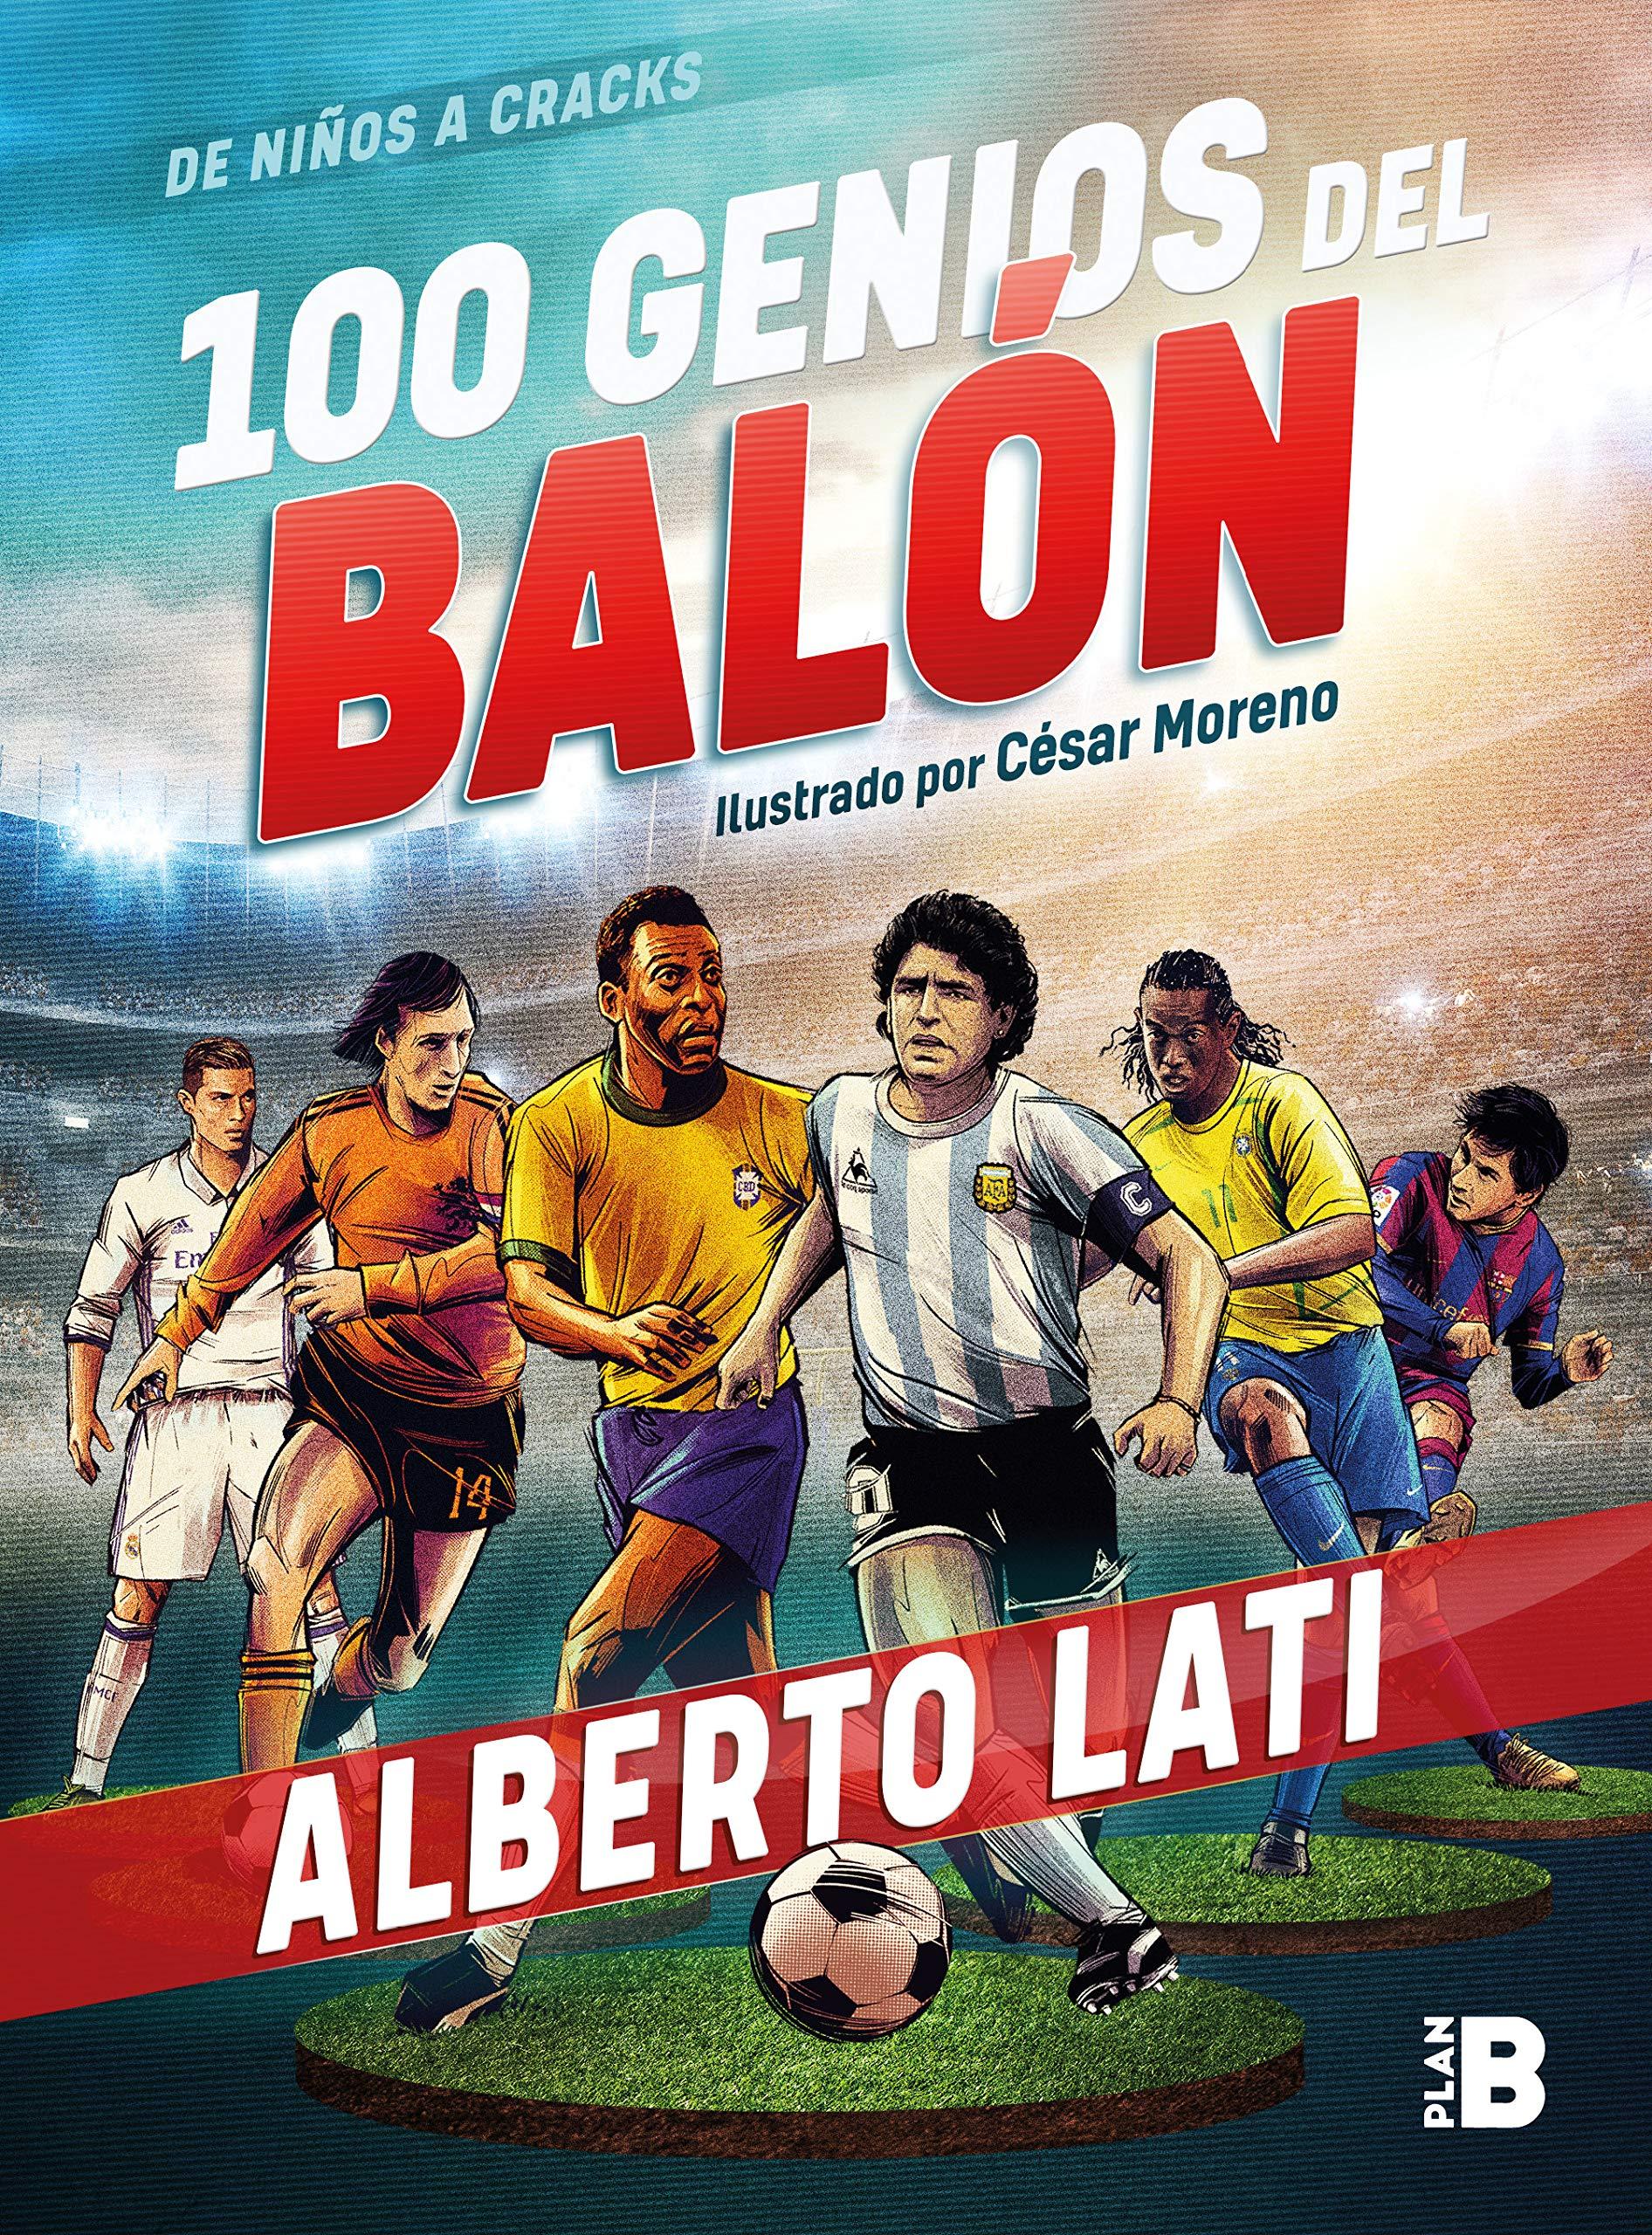 100 Genios del Balón / 100 Soccer Geniuses: Amazon.es: Alberto Lati: Libros